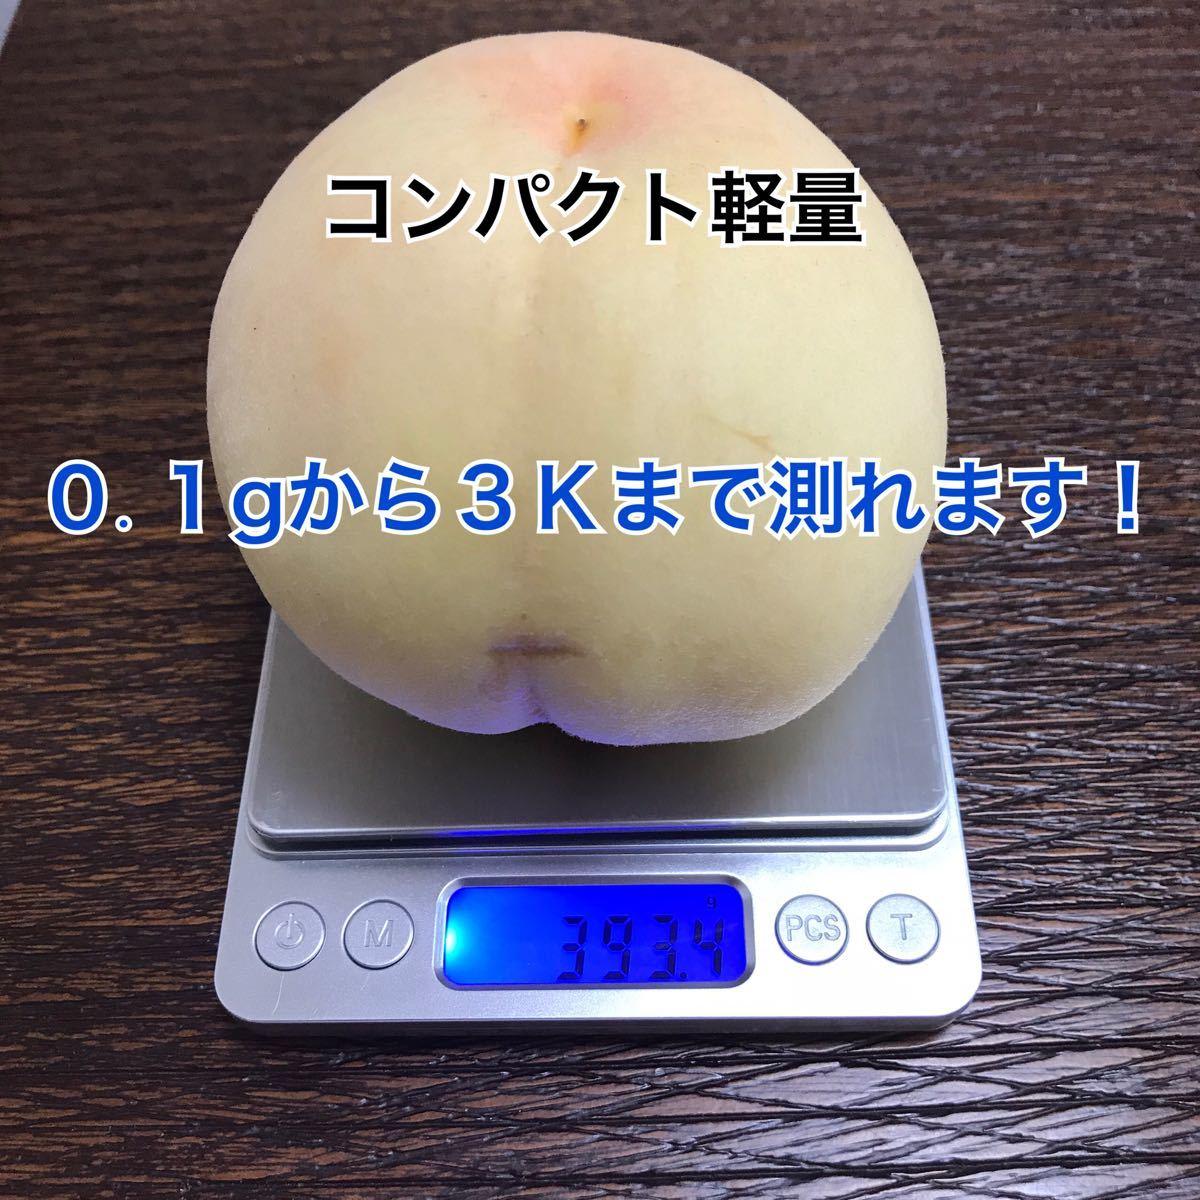 デジタルキッチンスケール 0.1g〜3kg 対応 電子秤